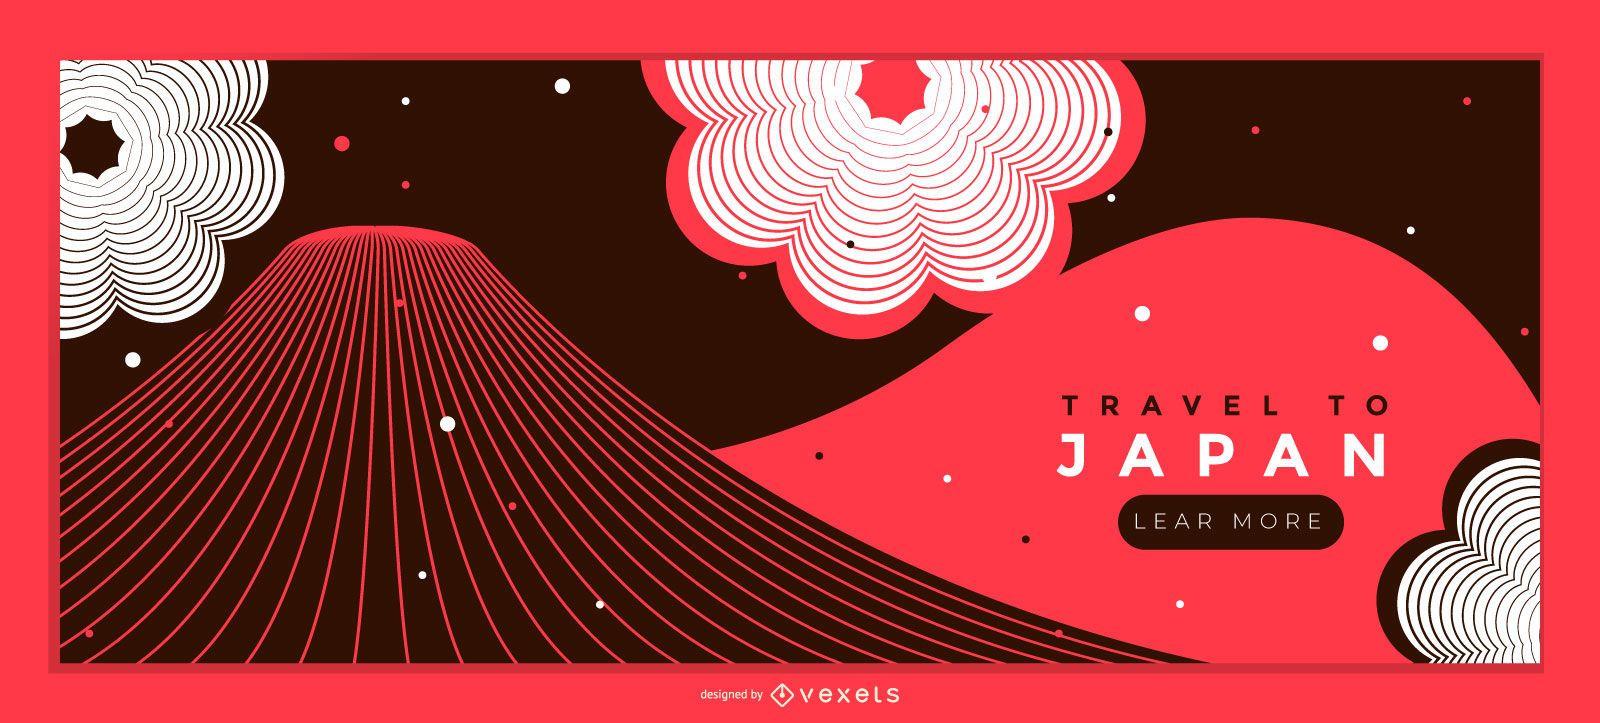 Travel to Japan Web Slider Design